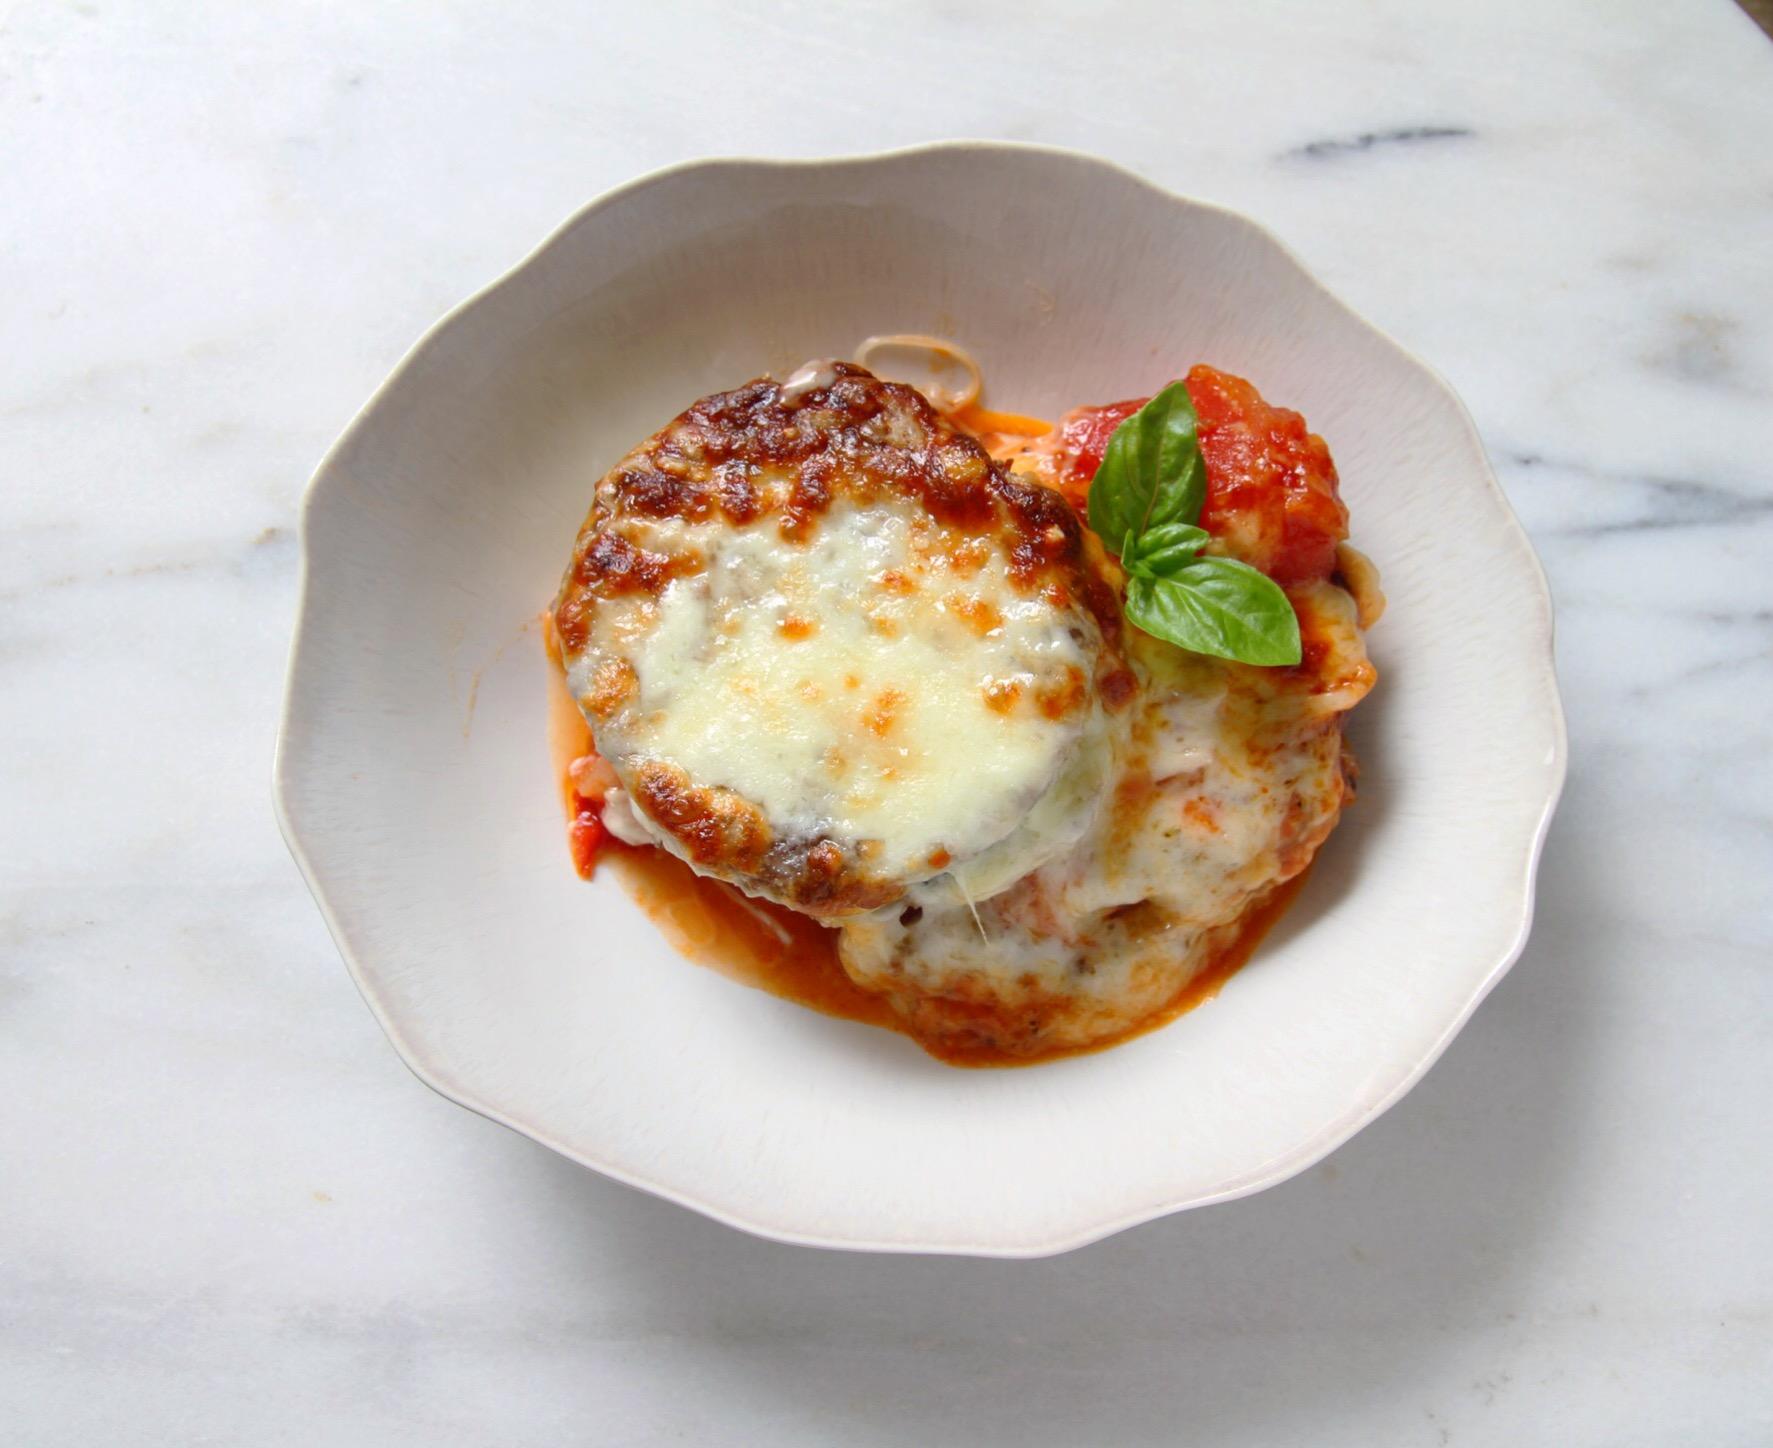 Eggplant Parmesan with homemade tomato sauce.